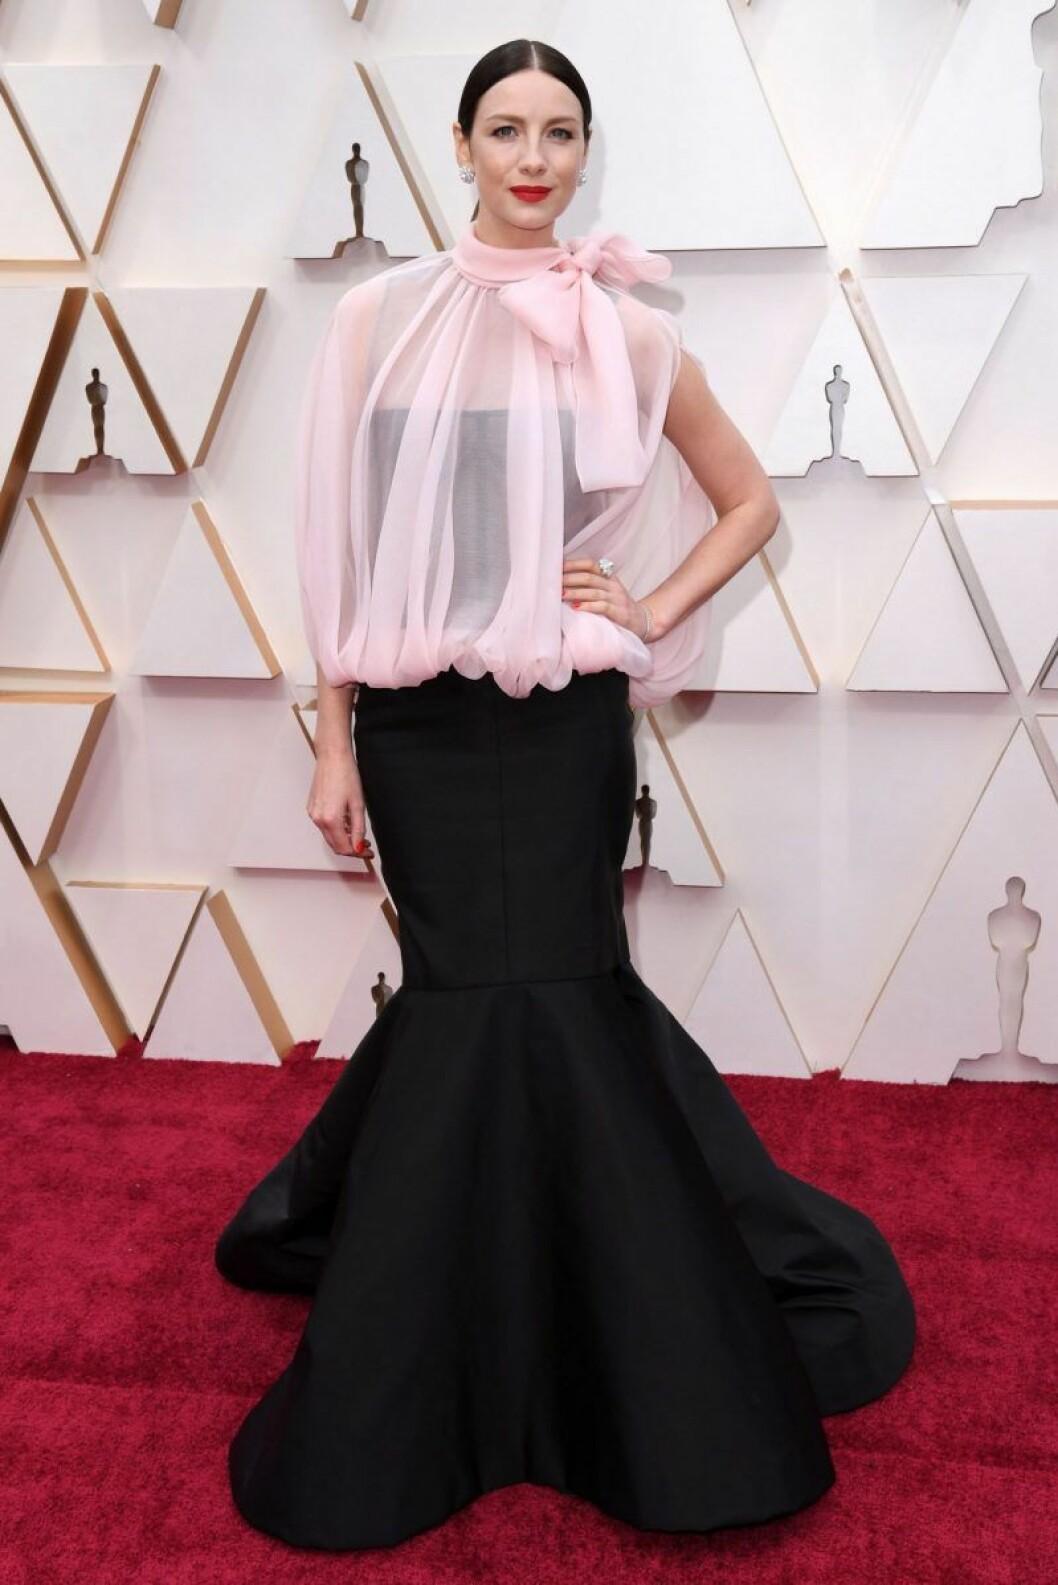 Caitriona Balfe i svart och rosa klänning på röda mattan